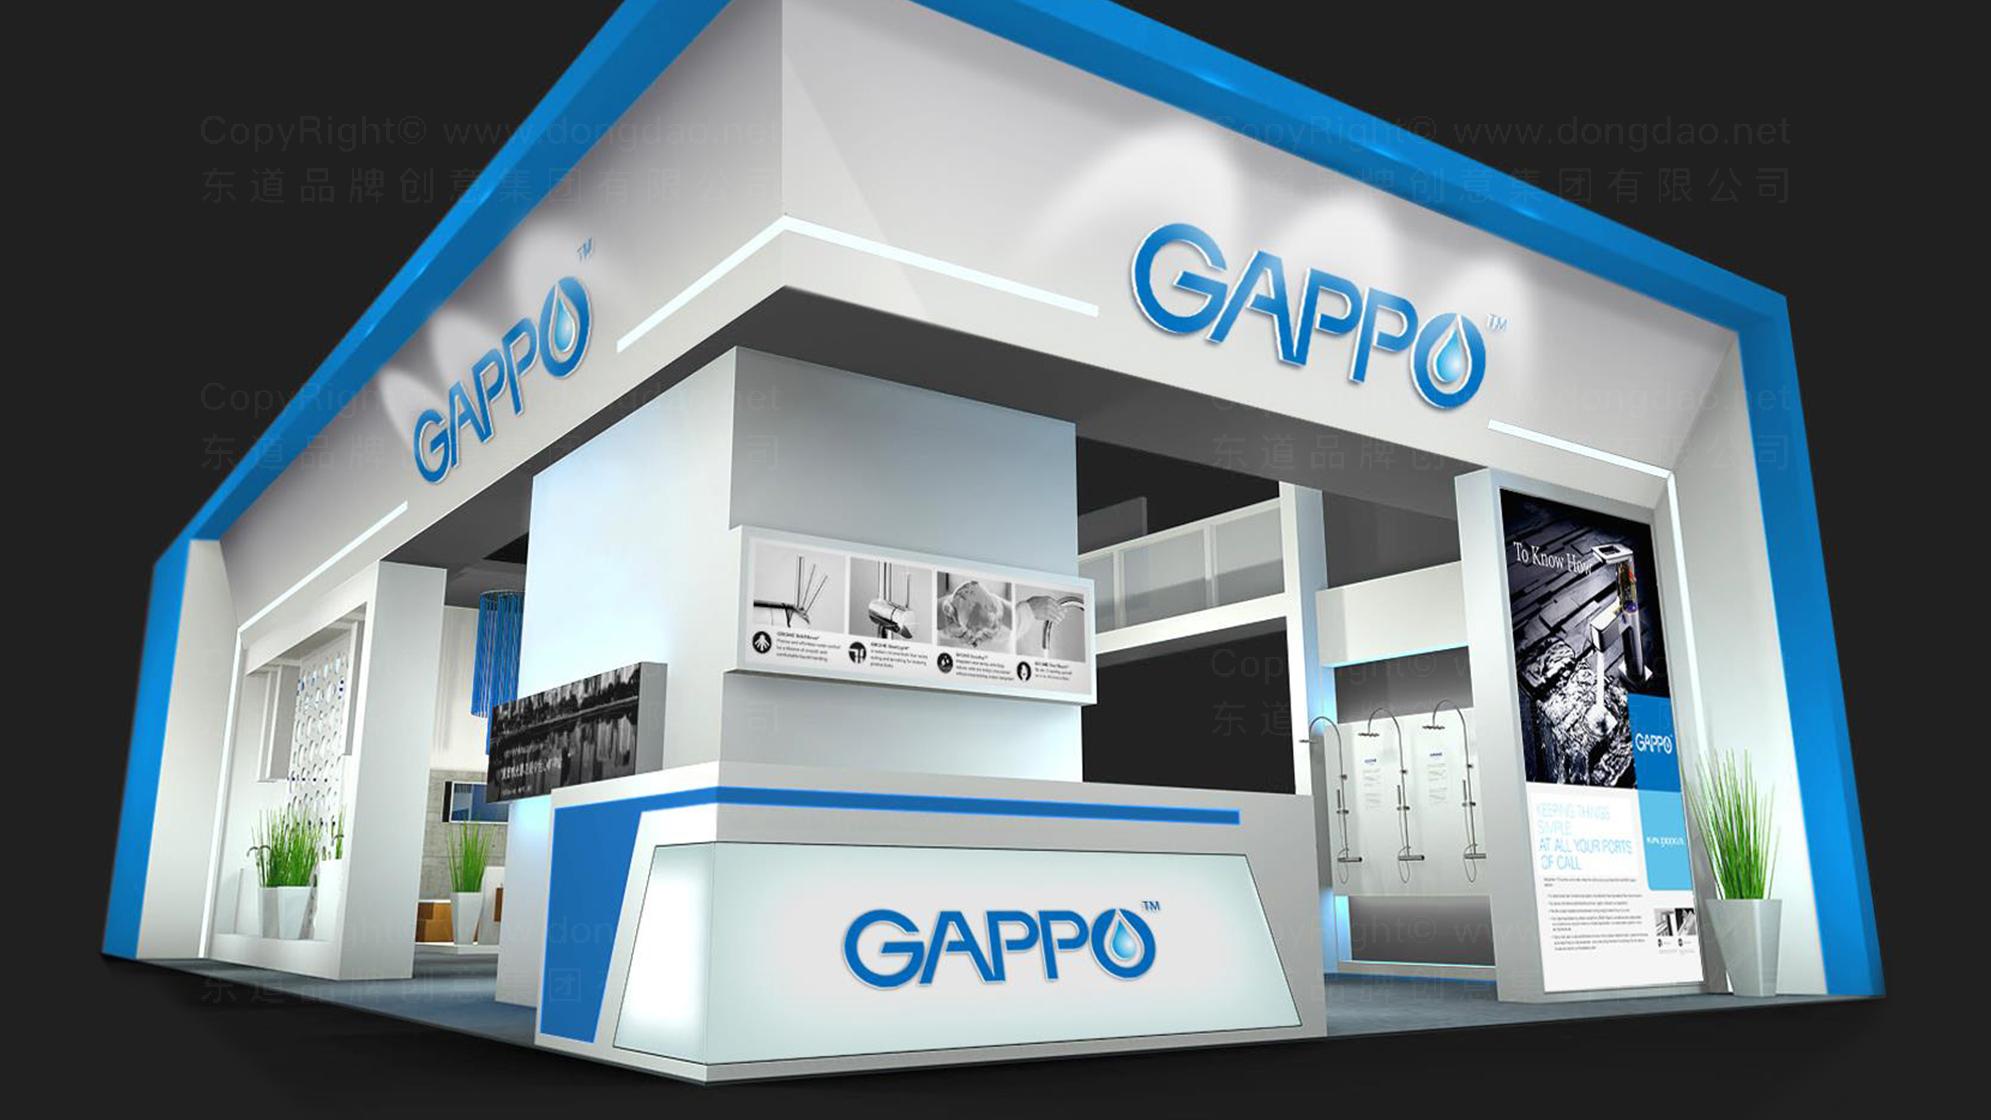 品牌设计GAPPO卫浴LOGO&VI设计应用场景_7